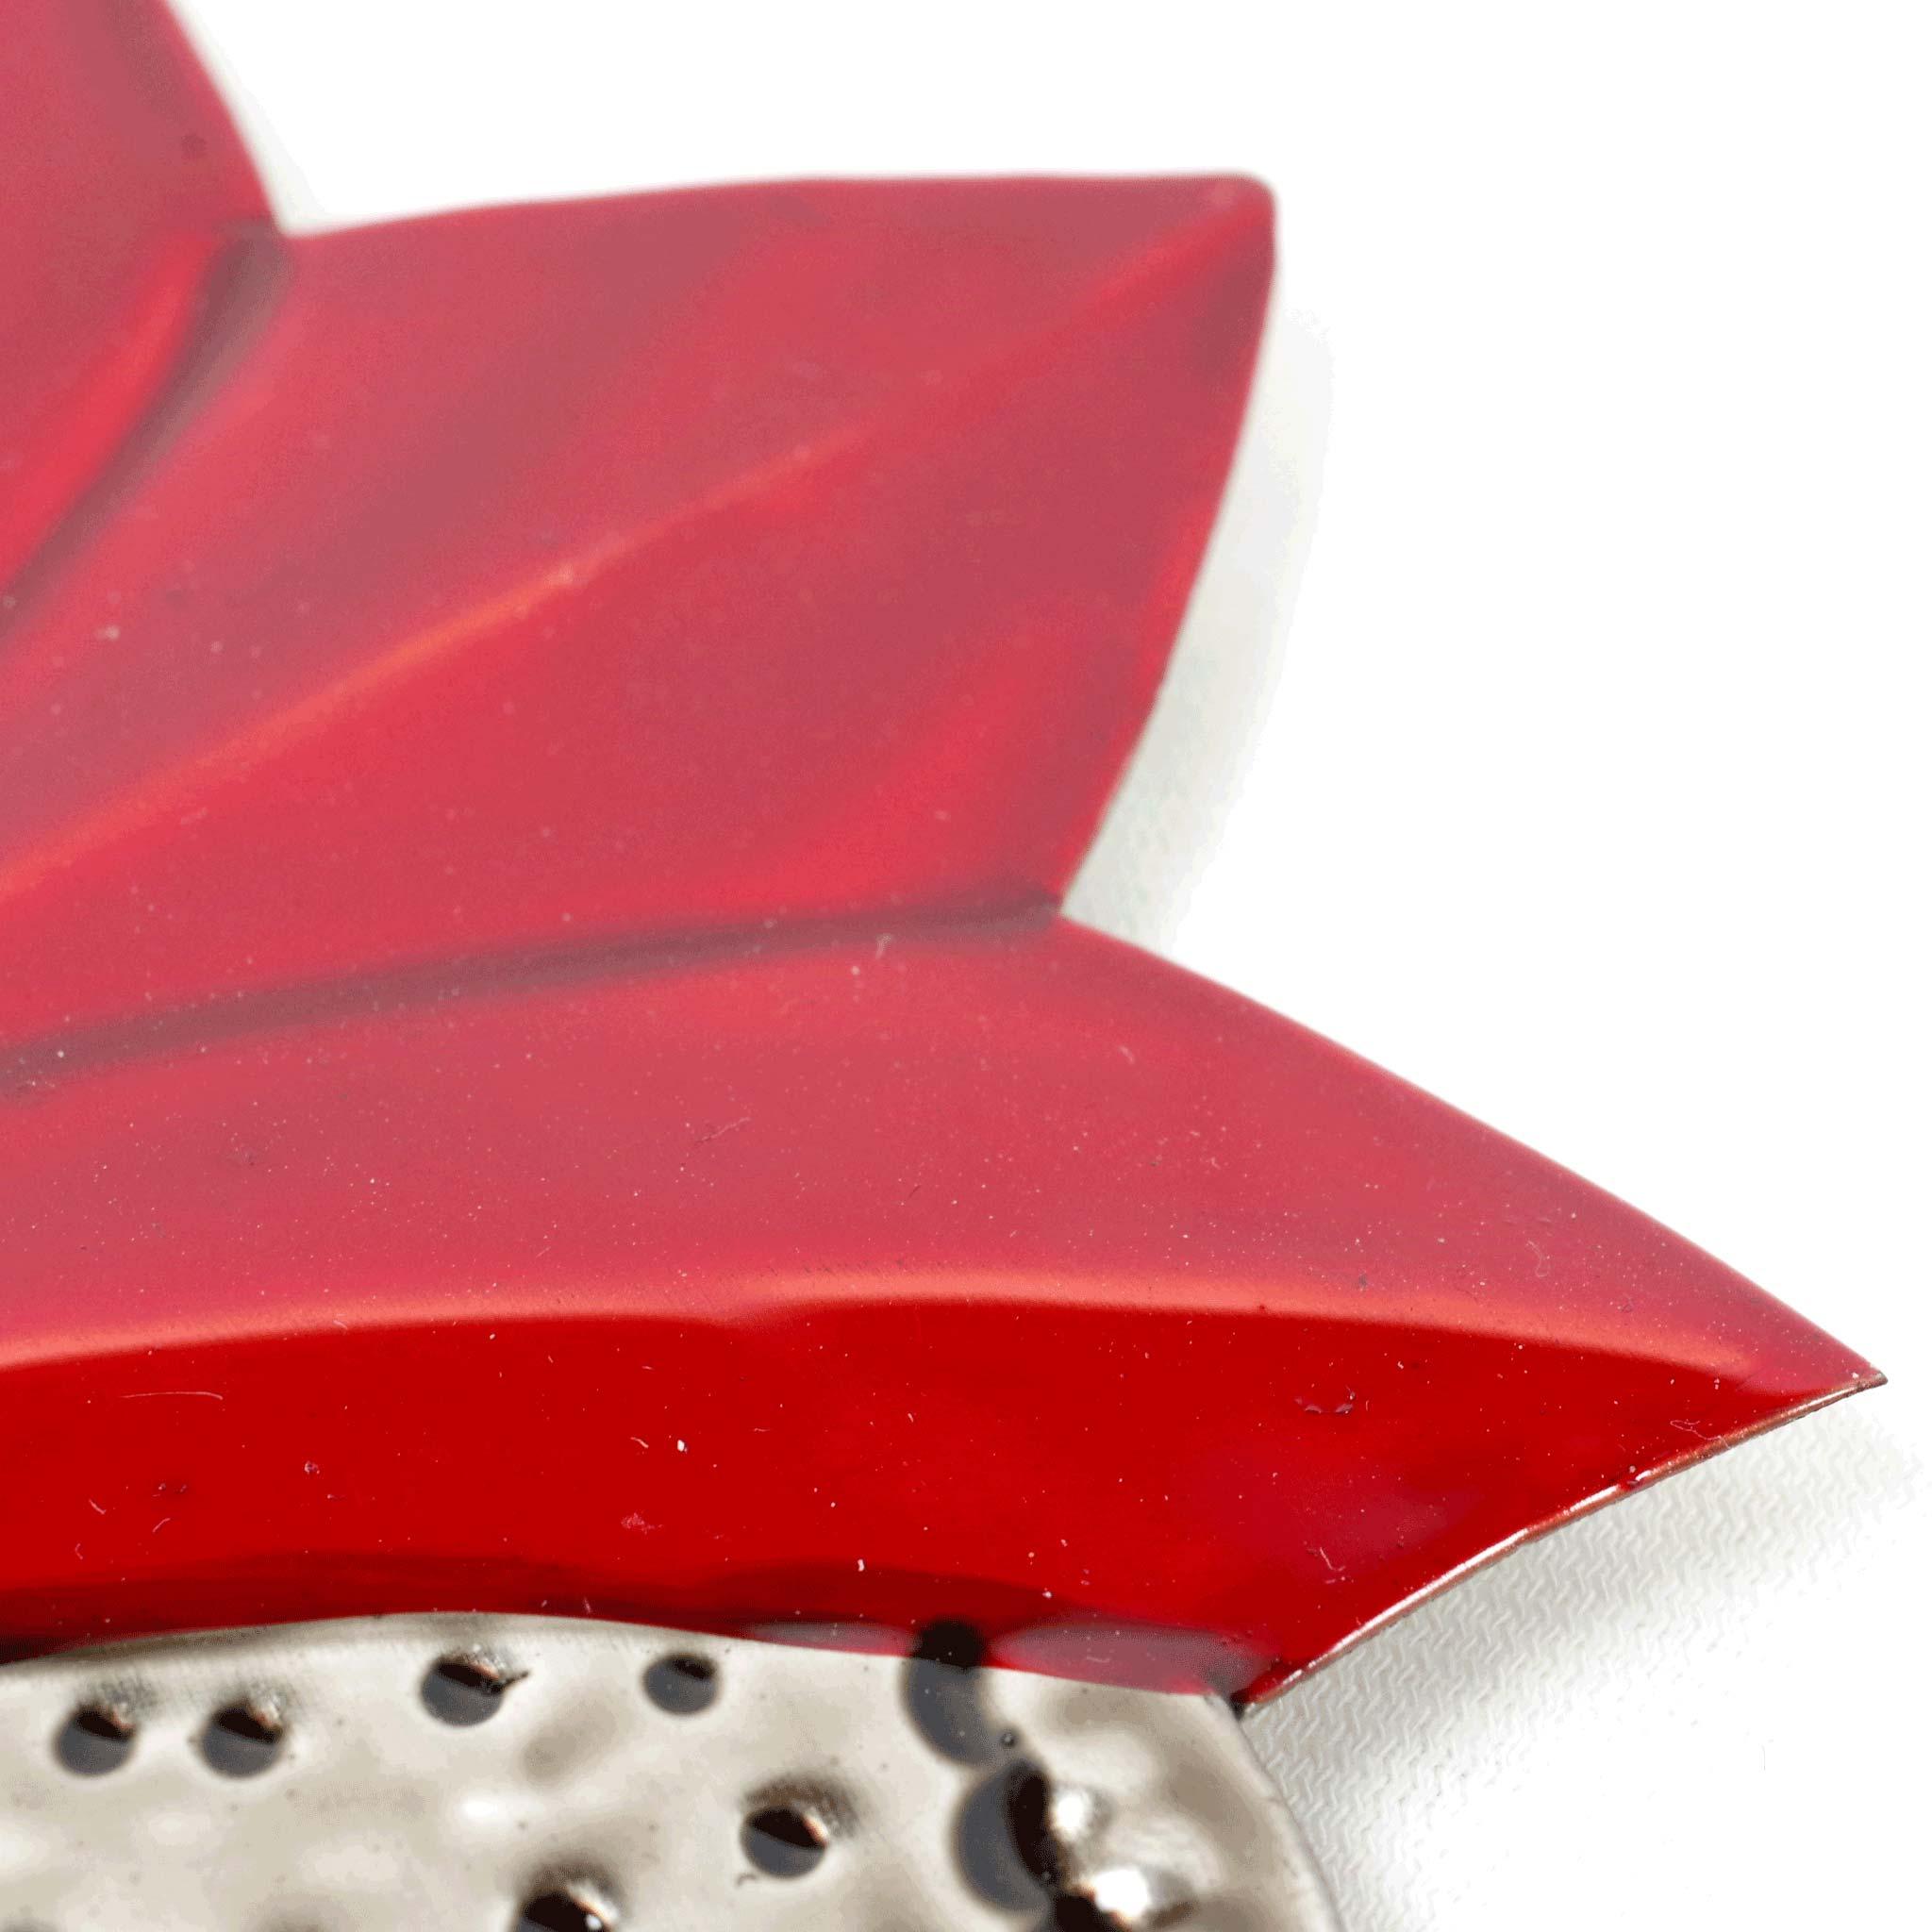 """""""オハラタミラーRDM,コラソン,心臓,燃えるハート,ミラー,鏡,オハラタ,オアハカ,インテリア,メキシコのハート,コラソンミラー,ハートミラー,ハートのインテリア,ハートの壁飾り,ハートの壁掛け,インテリア,メキシカンハート,壁掛け,飾り,メキシコ,インテリア雑貨,壁飾り,メキシコ雑貨,メキシコ雑貨PAD"""""""